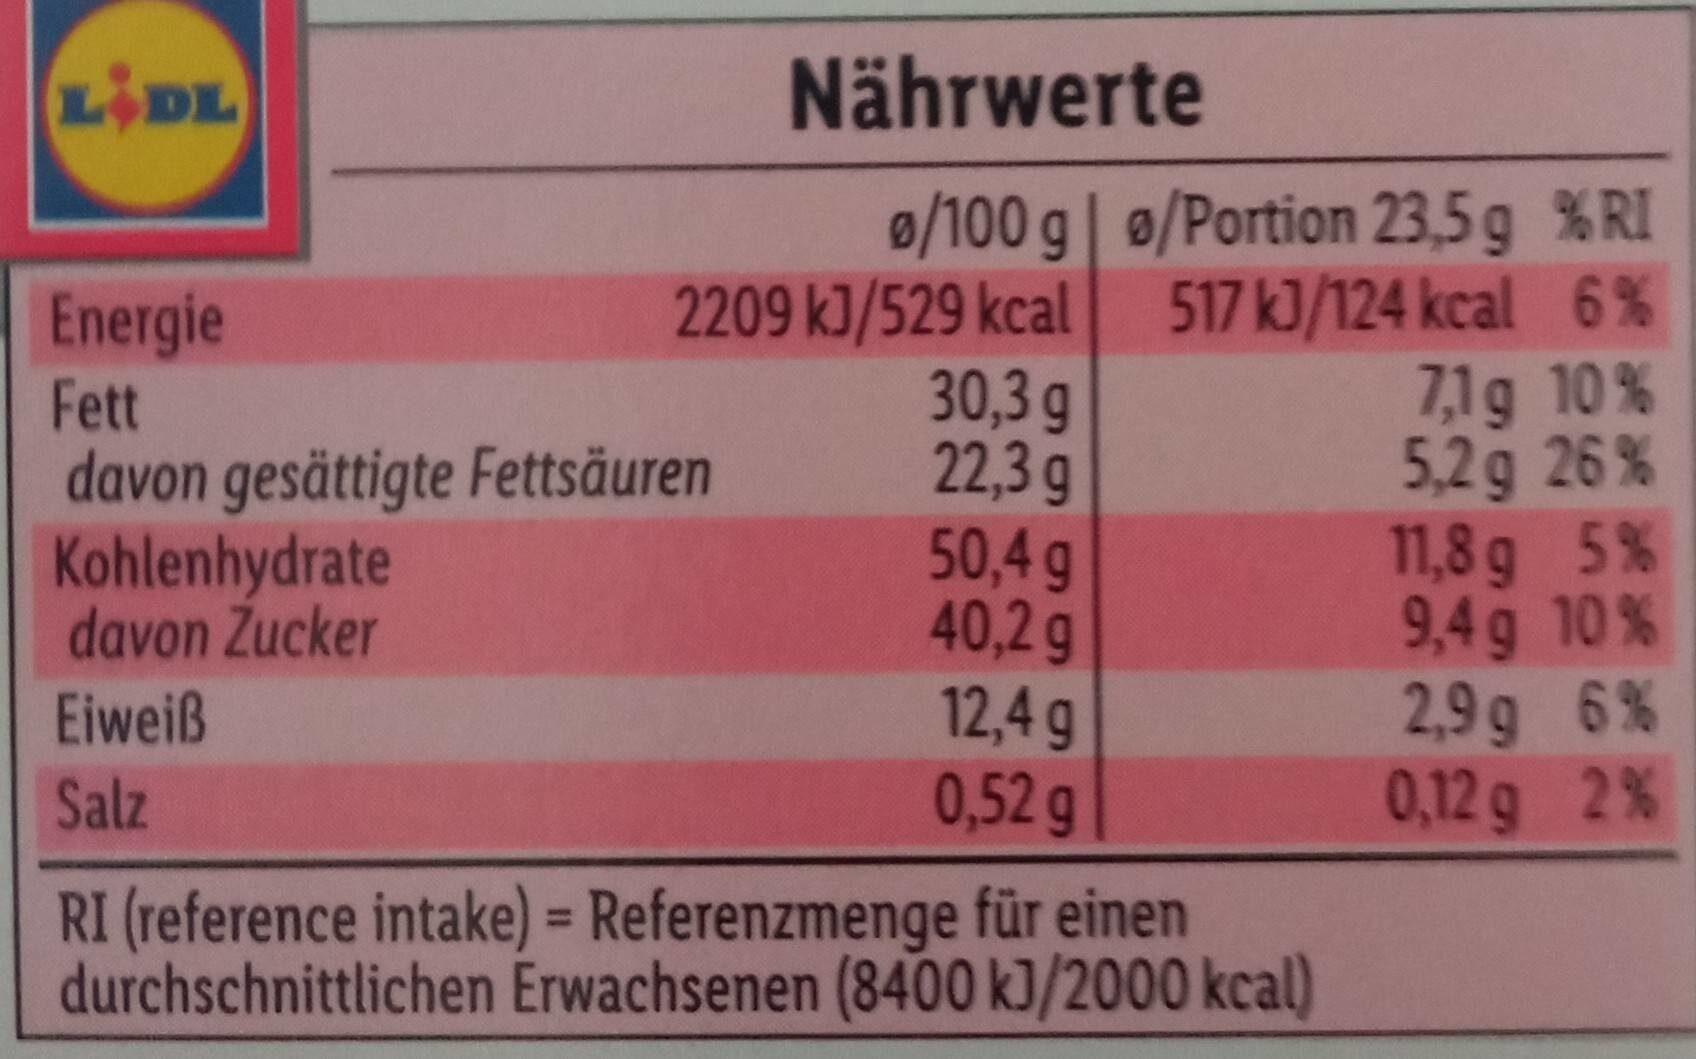 Milch und cerealien Riegel - Nährwertangaben - de